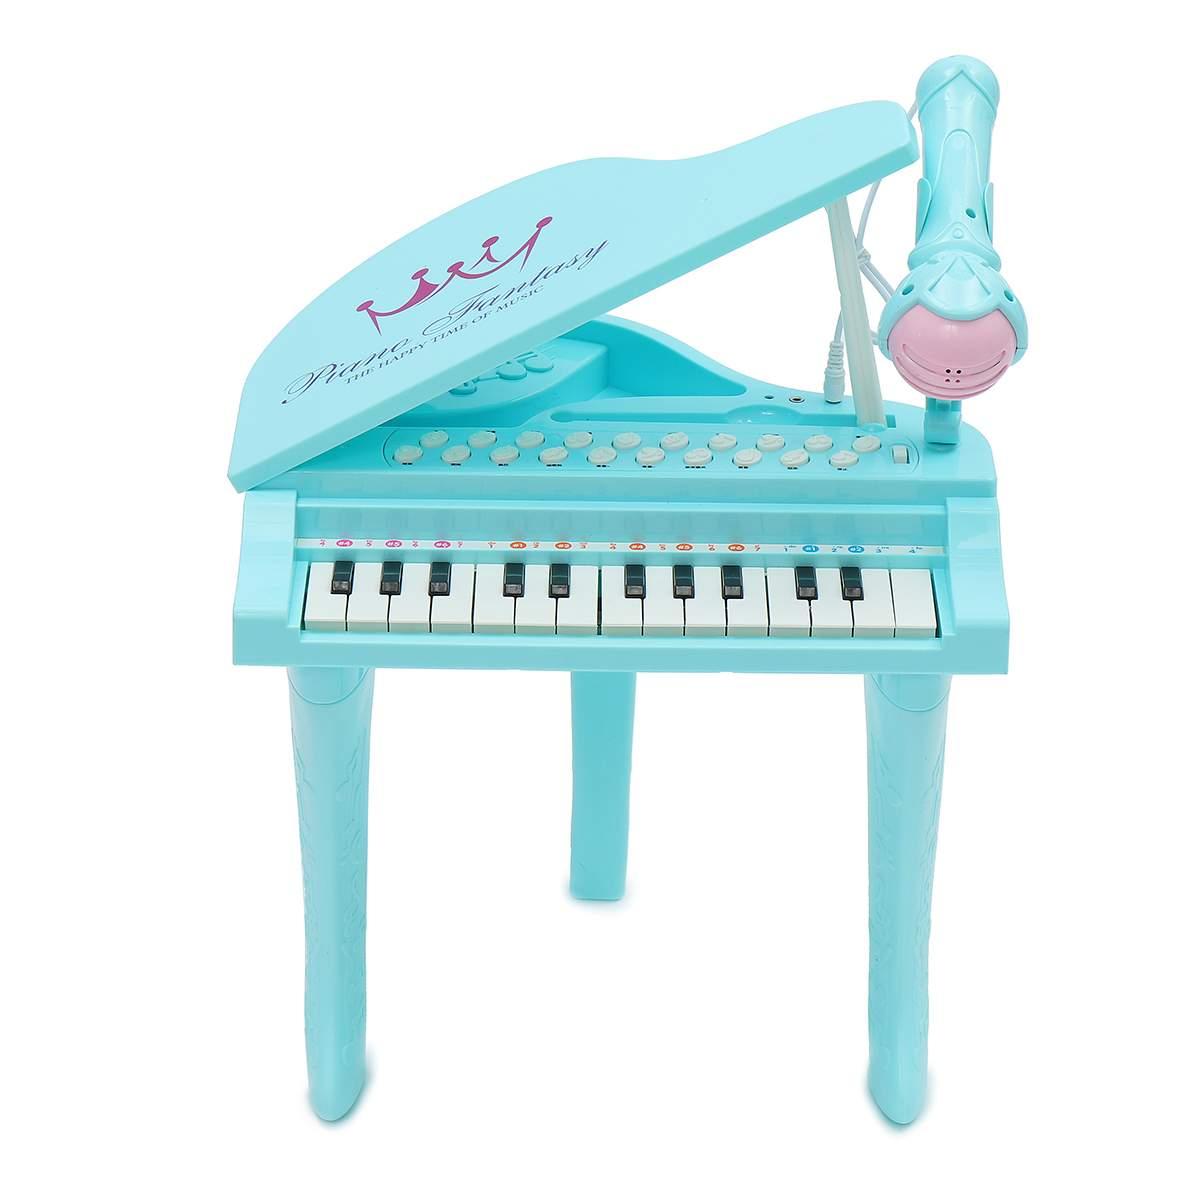 Électronique 25 touches clavier jouet orgue USB enfants Piano Microphone Instrument de musique jouant jouet ensemble rose/bleu enfants cadeaux - 5